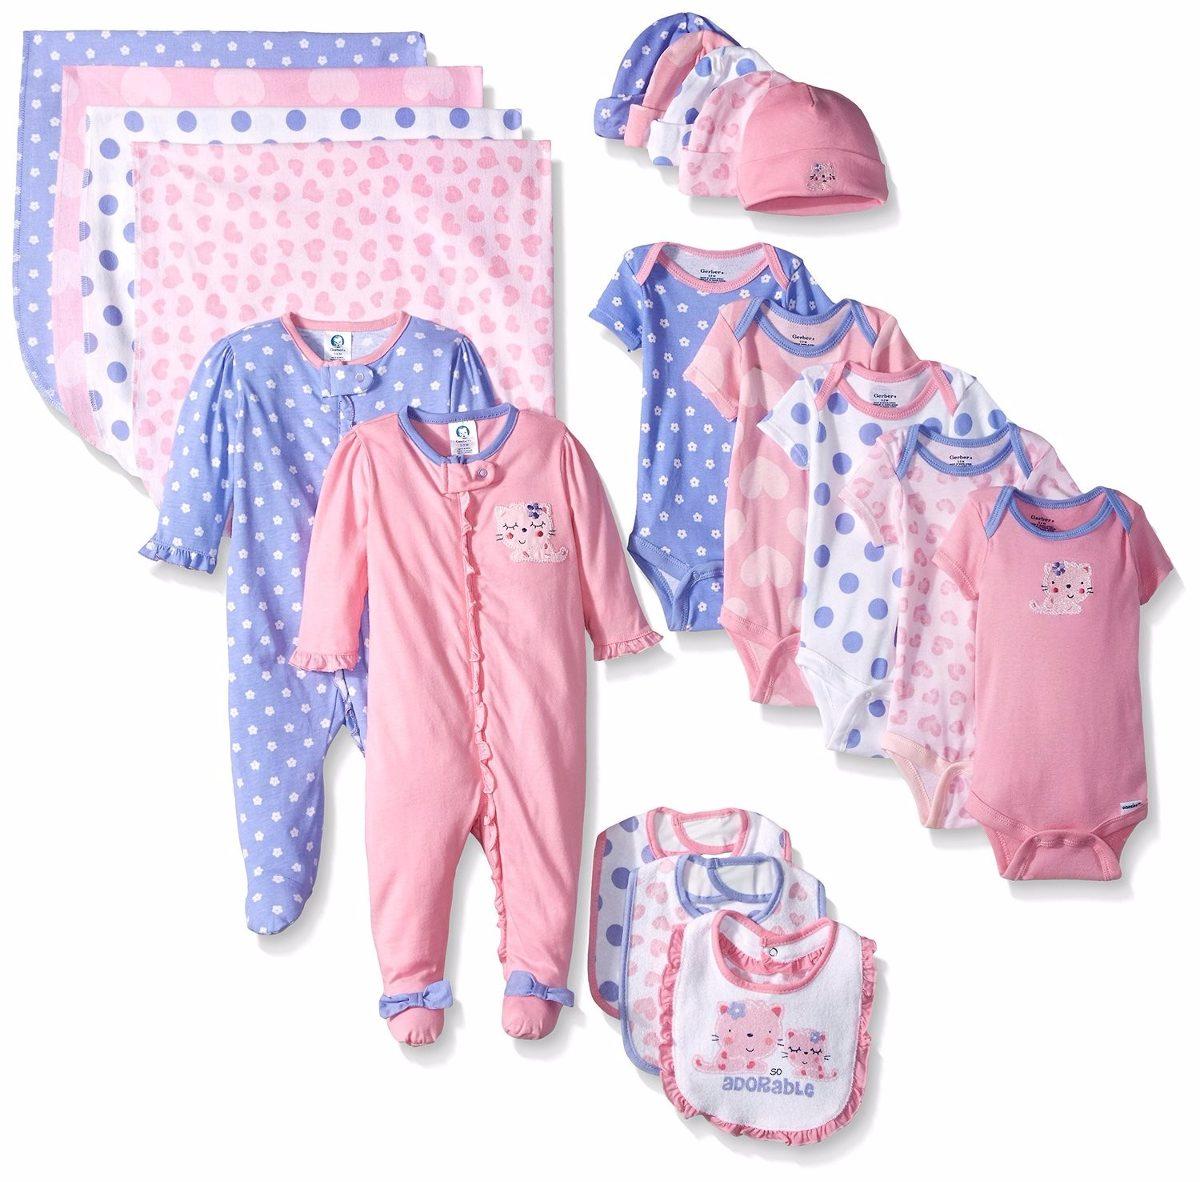 ropa de bebe nina recien nacido